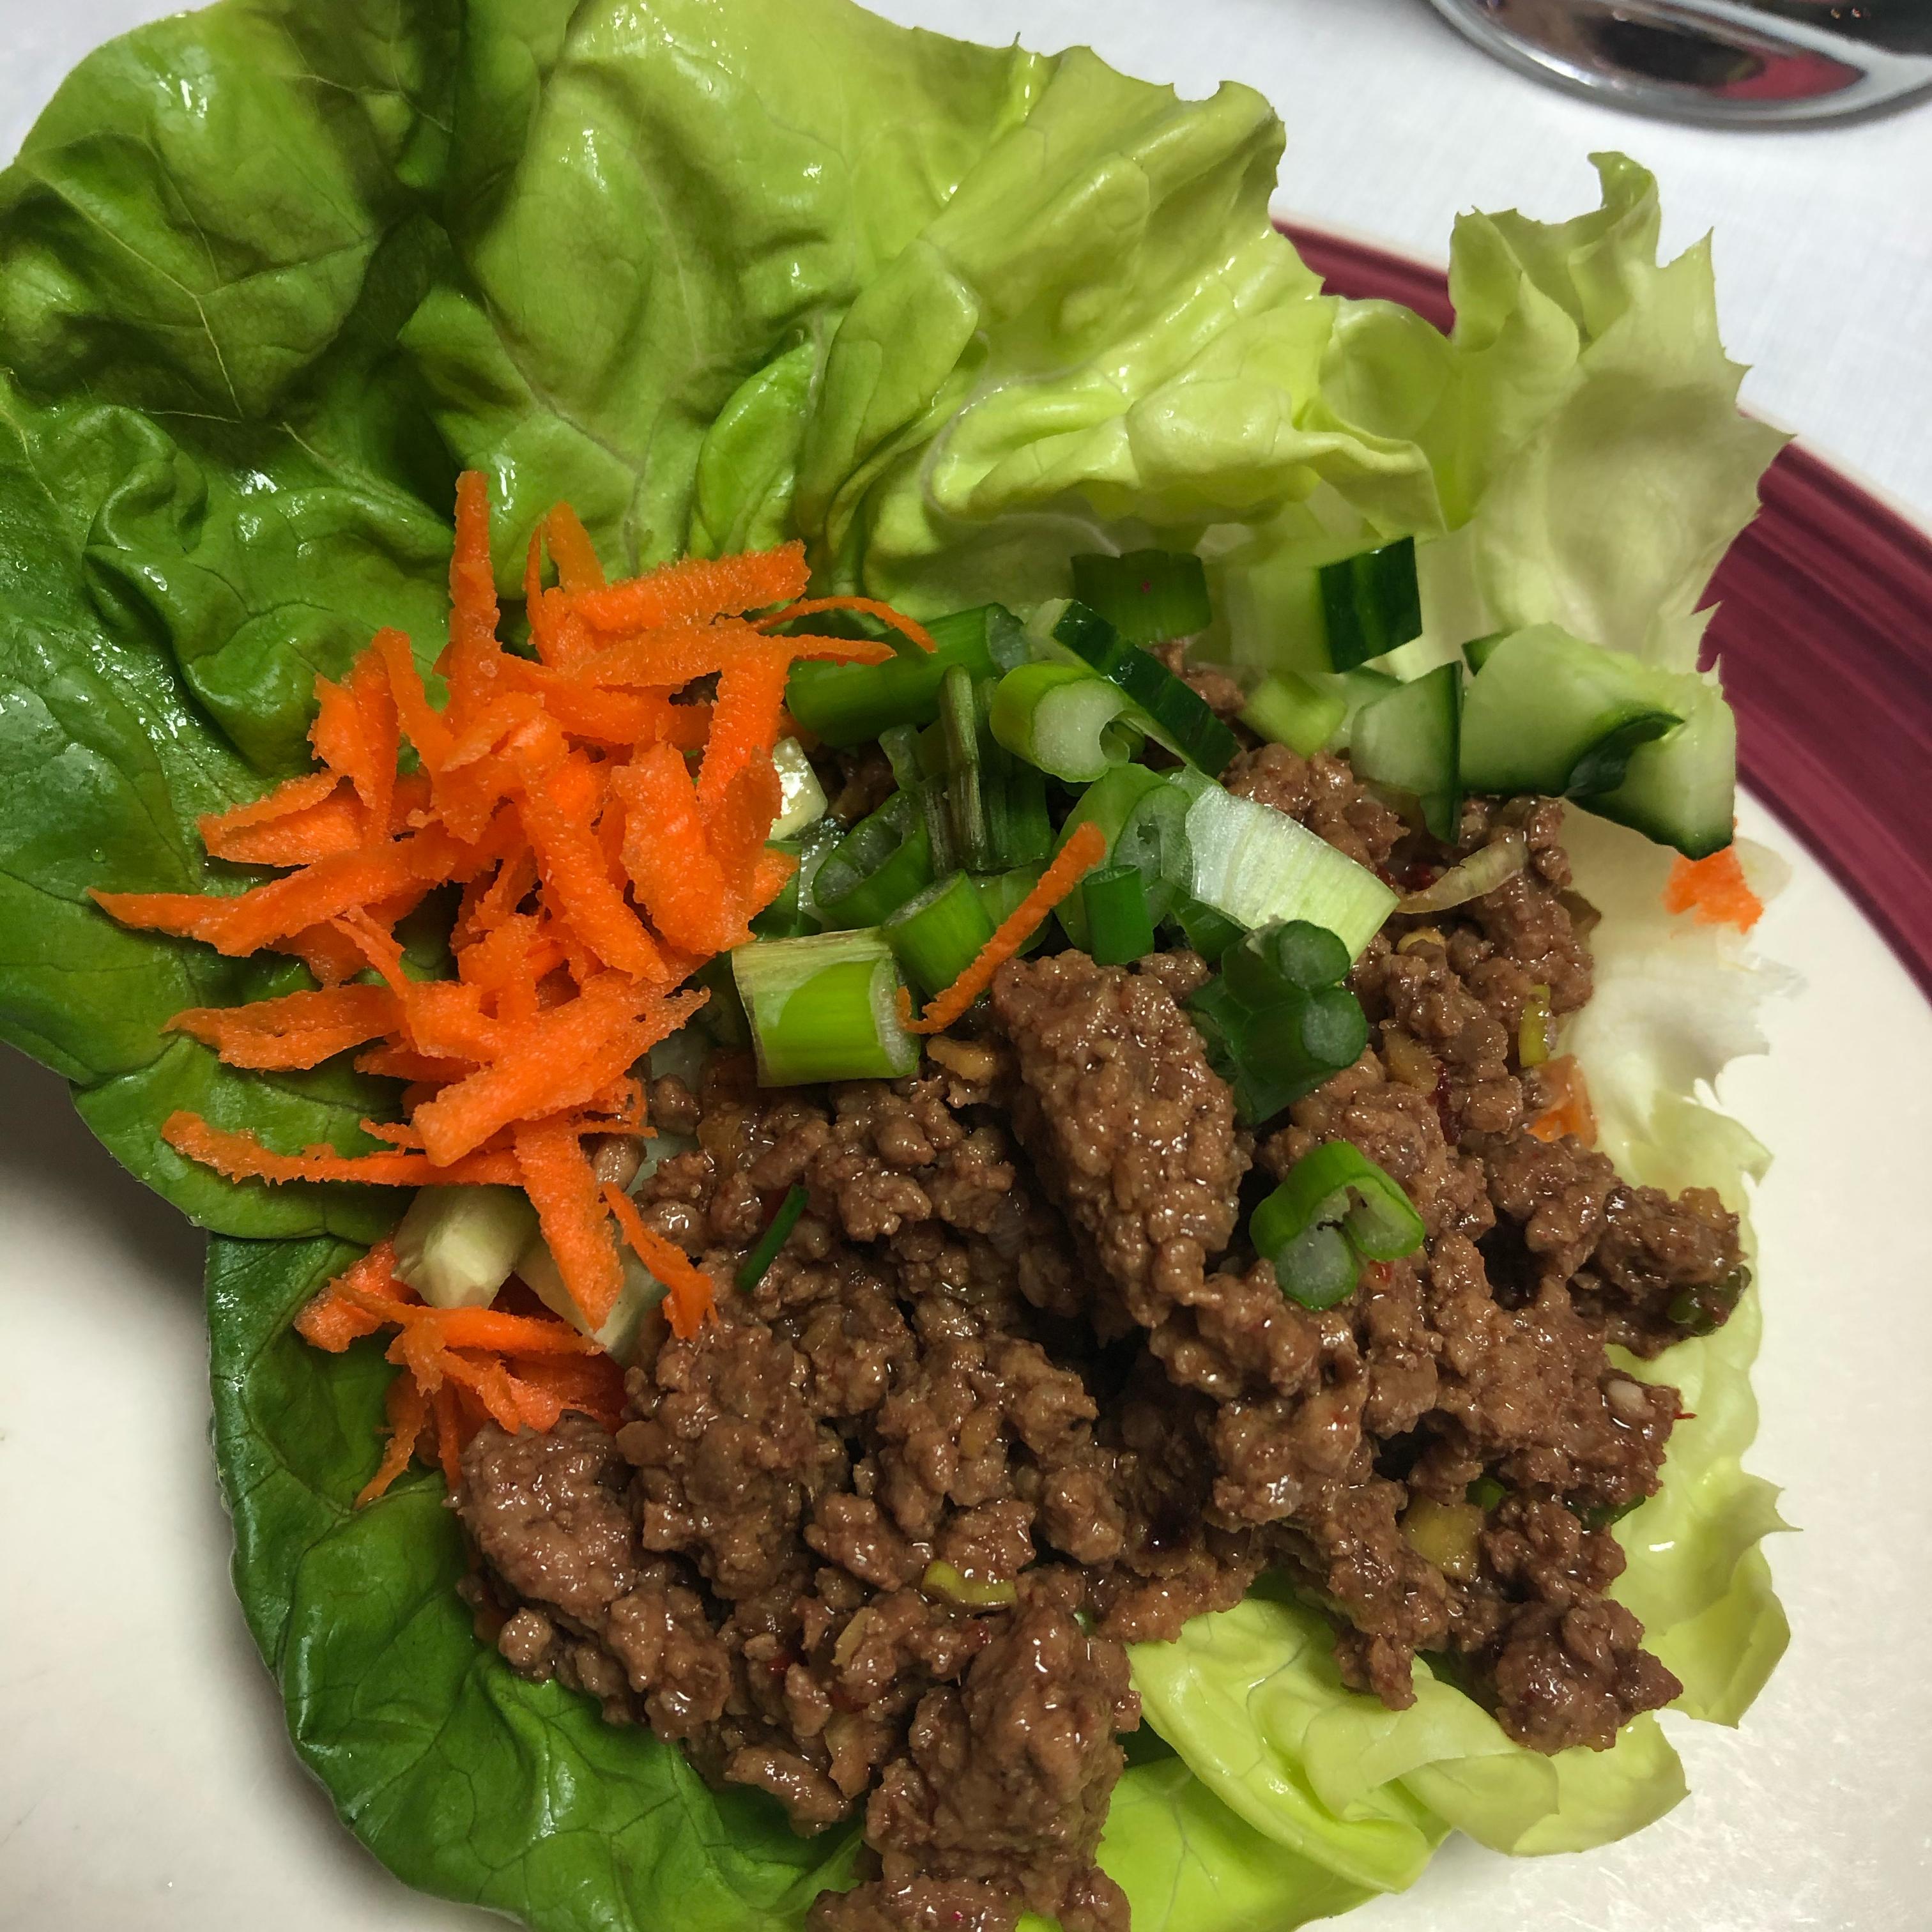 Vegan Asian Lettuce Wraps laurenlee